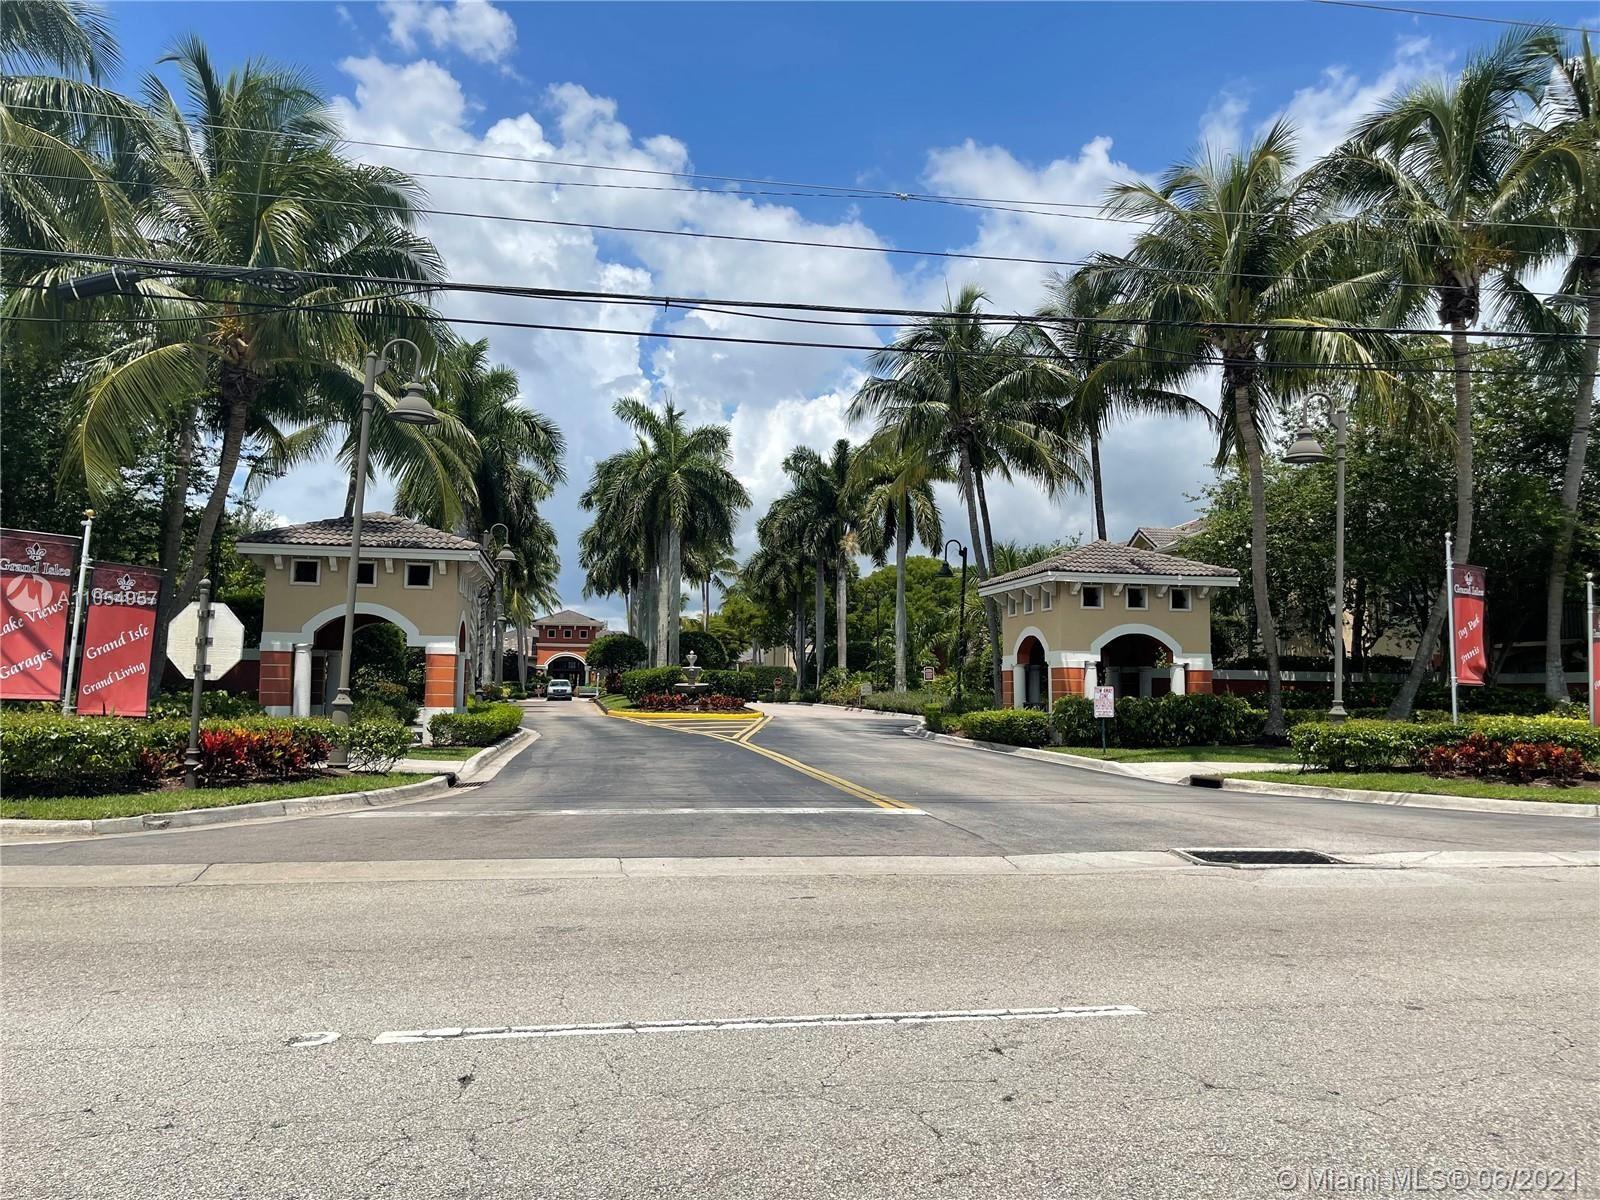 4191 N Haverhill Rd #407, West Palm Beach, FL 33417 - #: A11054957